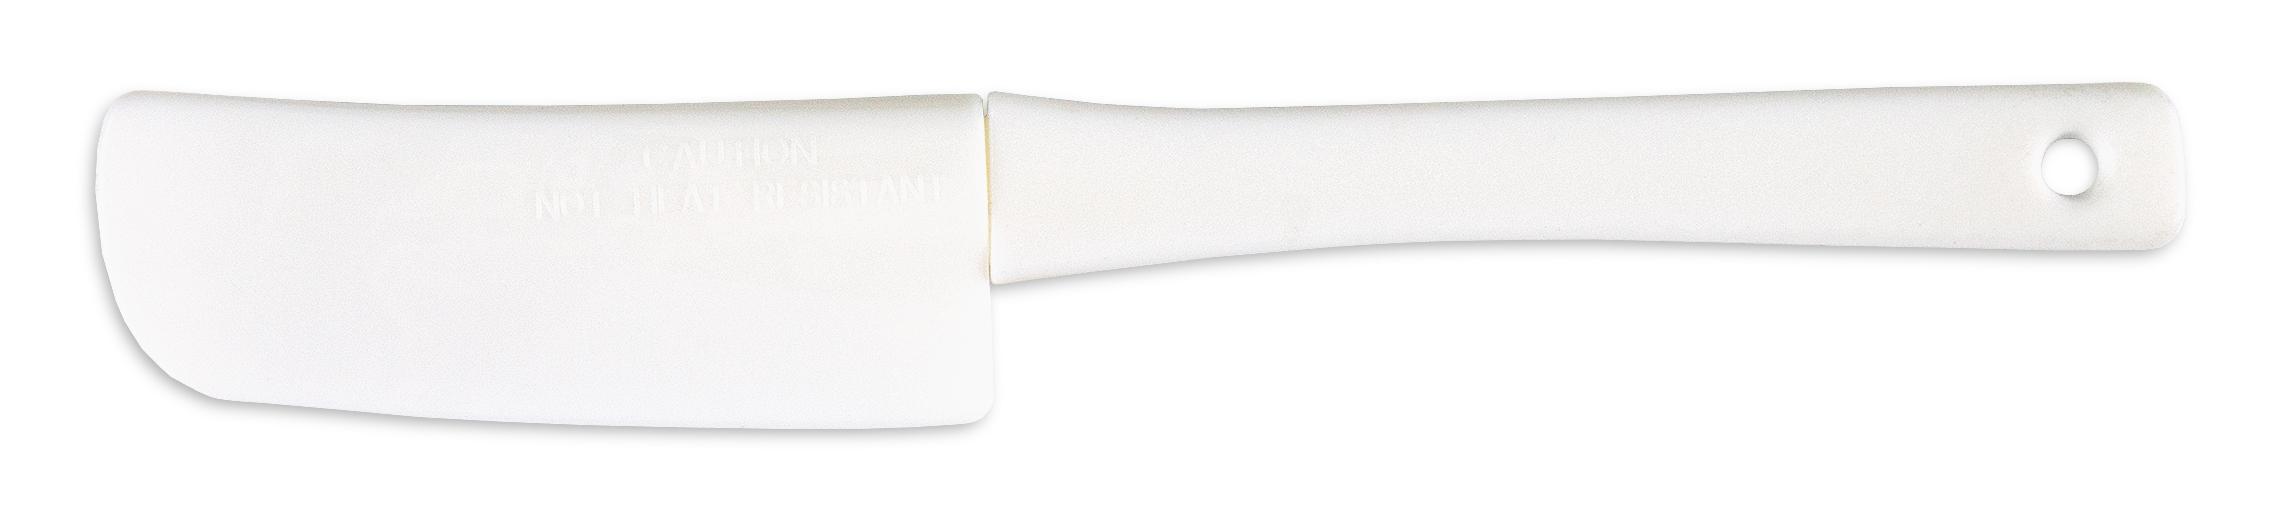 Städter - 'BACKZUBEHÖR-Mini-Teigschaber 2,5 x 15 cm Weiß'